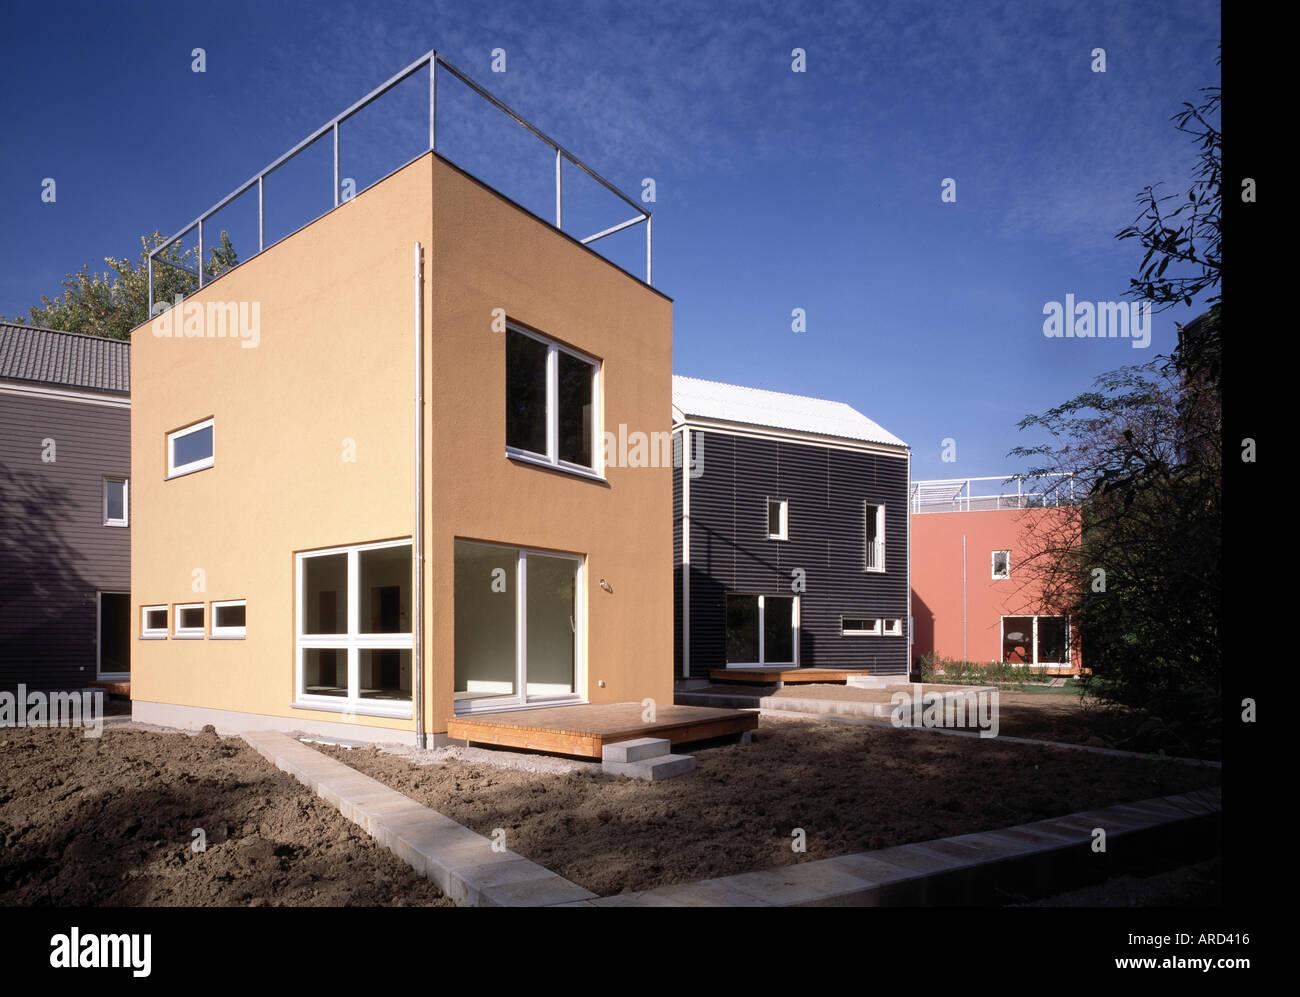 Architekt Oberhausen oberhausen am grafenbusch architekten baufrösche kassel stockfoto